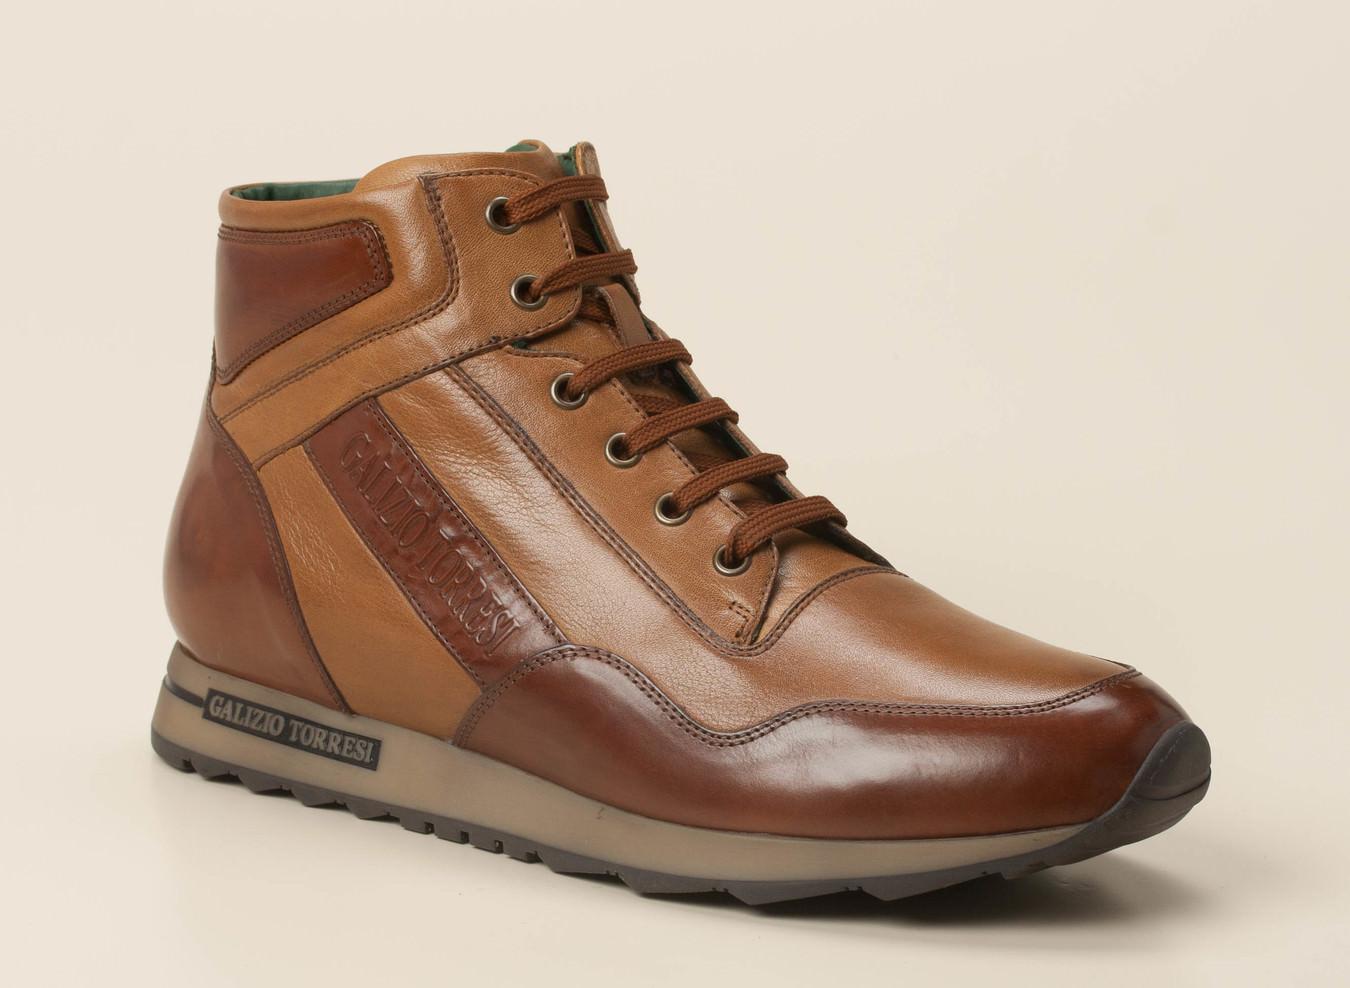 12261b618fc09a Galizio Torresi Herren Sneaker high in braun kaufen